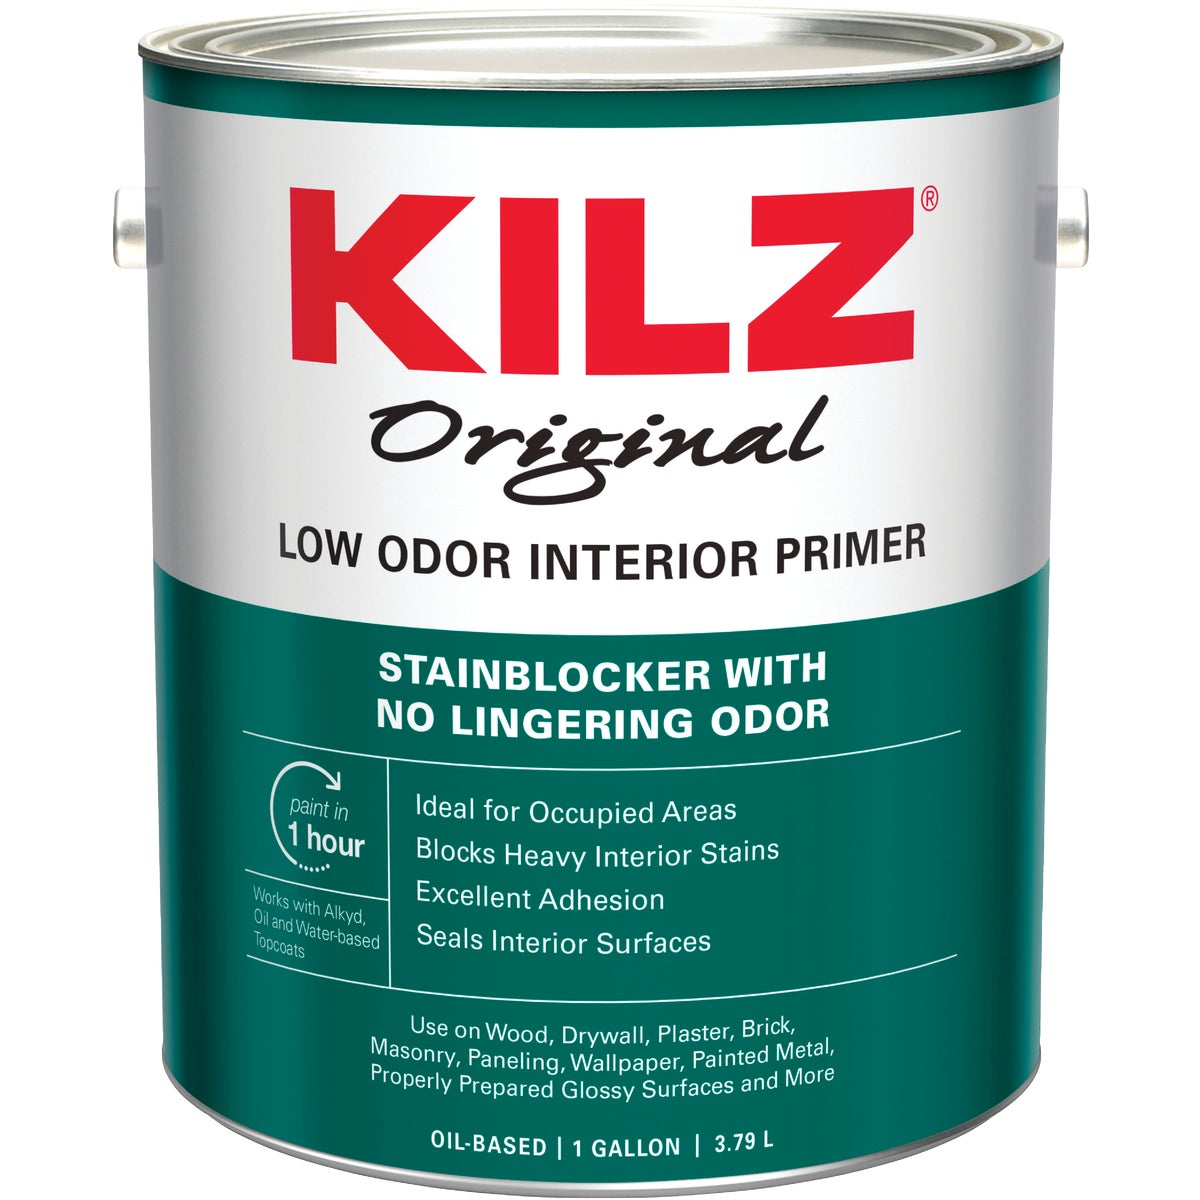 KILZ INT ODORLESS PRIMER - 10041 by Masterchem